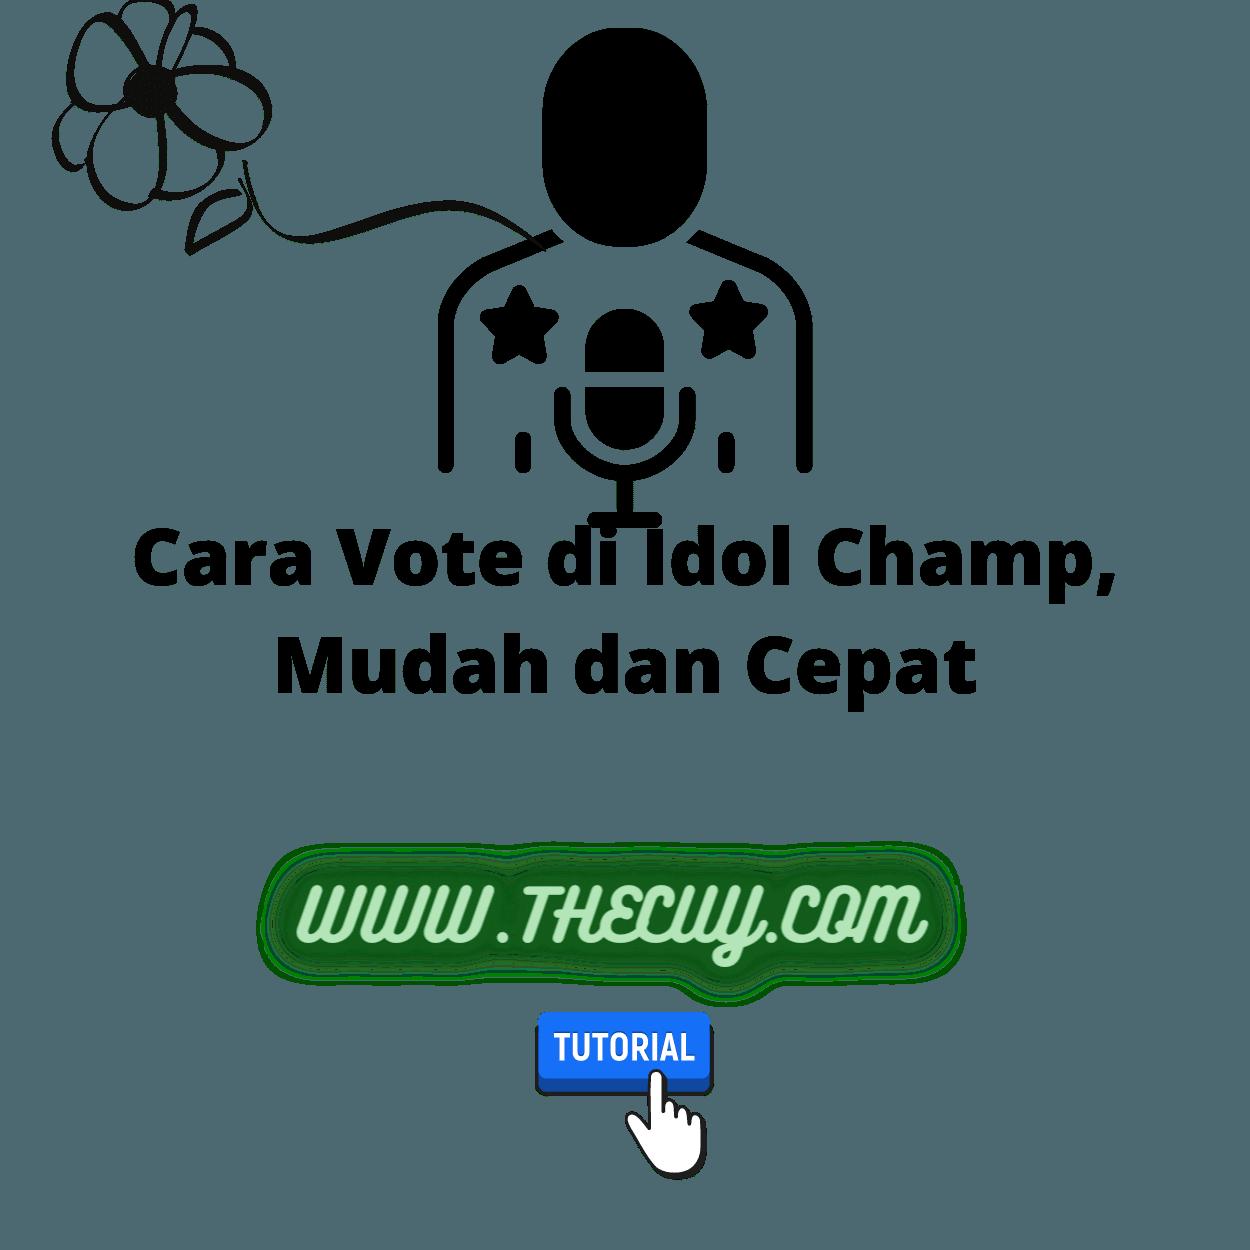 Cara Vote di Idol Champ, Mudah dan Cepat